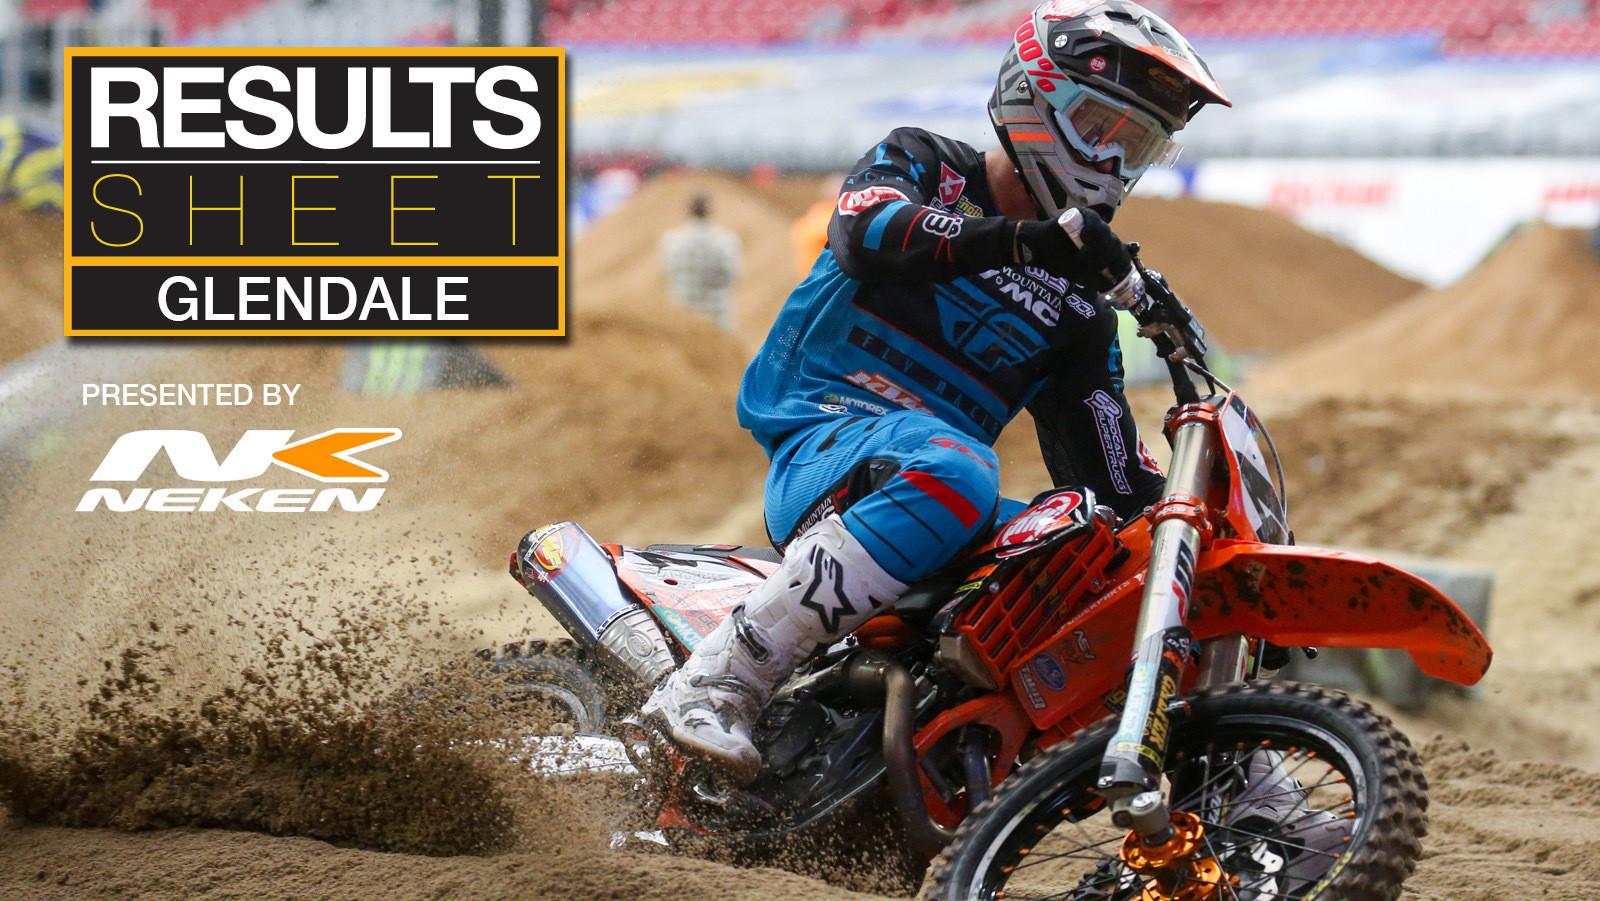 Results Sheet: 2020 Glendale Supercross